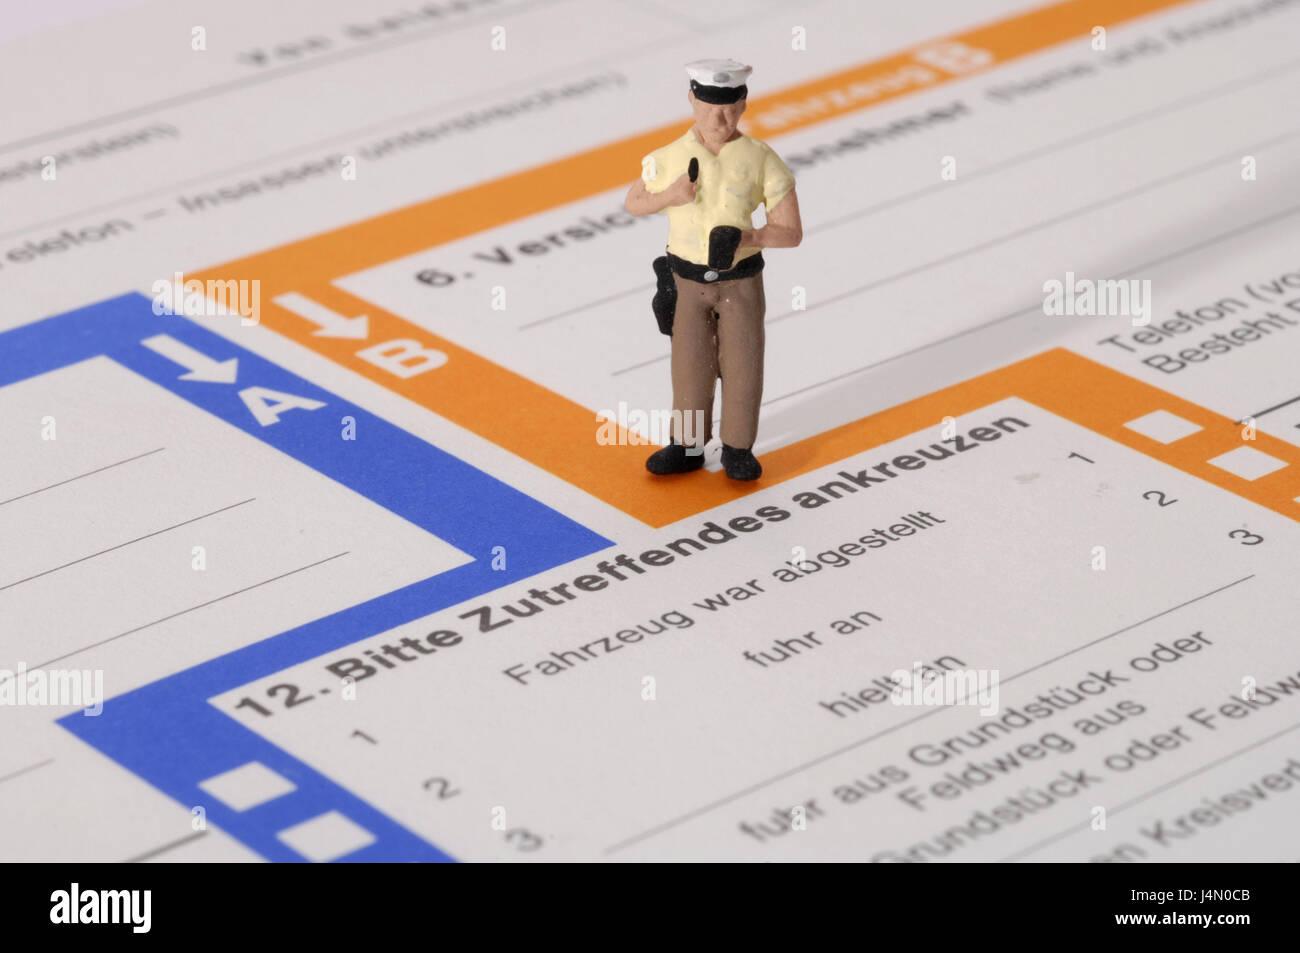 Niedlich Polizei Unfall Bericht Vorlage Fotos - Entry Level Resume ...